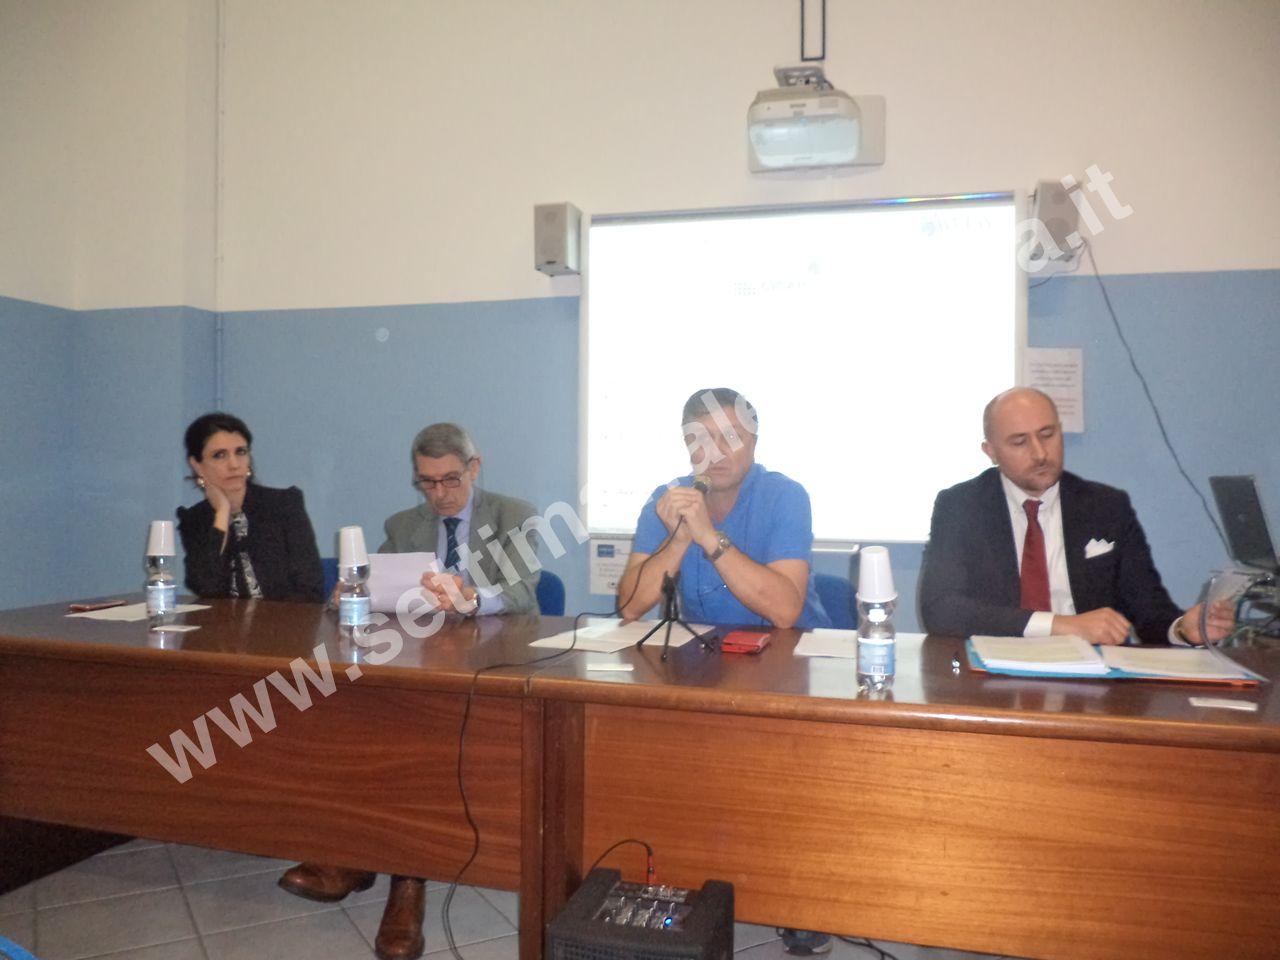 Molto partecipato l'incontro-dibattito sui vaccini